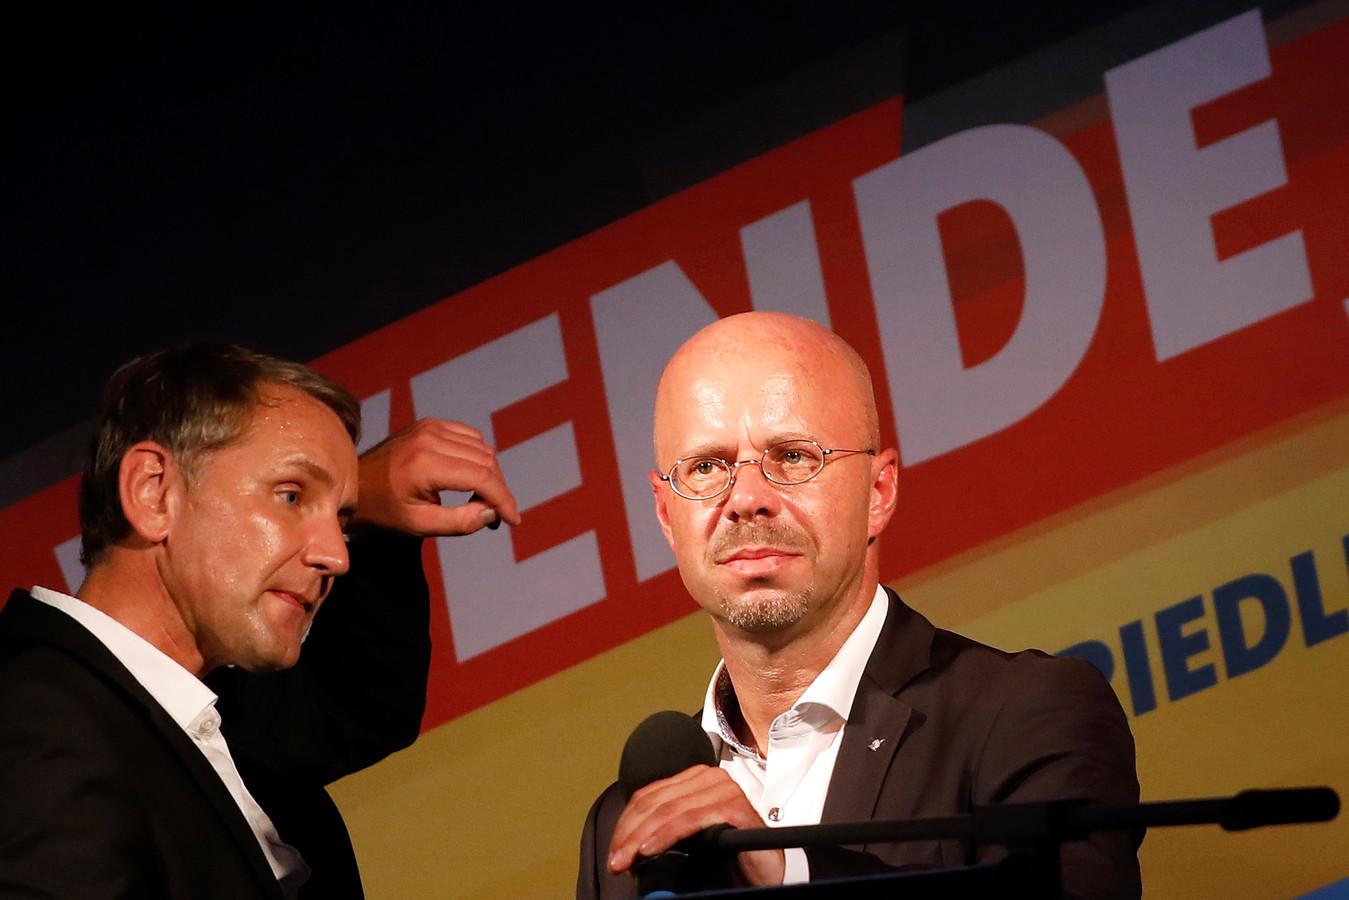 Andreas Kalbitz (r) met naast hem AfD-boegbeeld Björn Höcke.